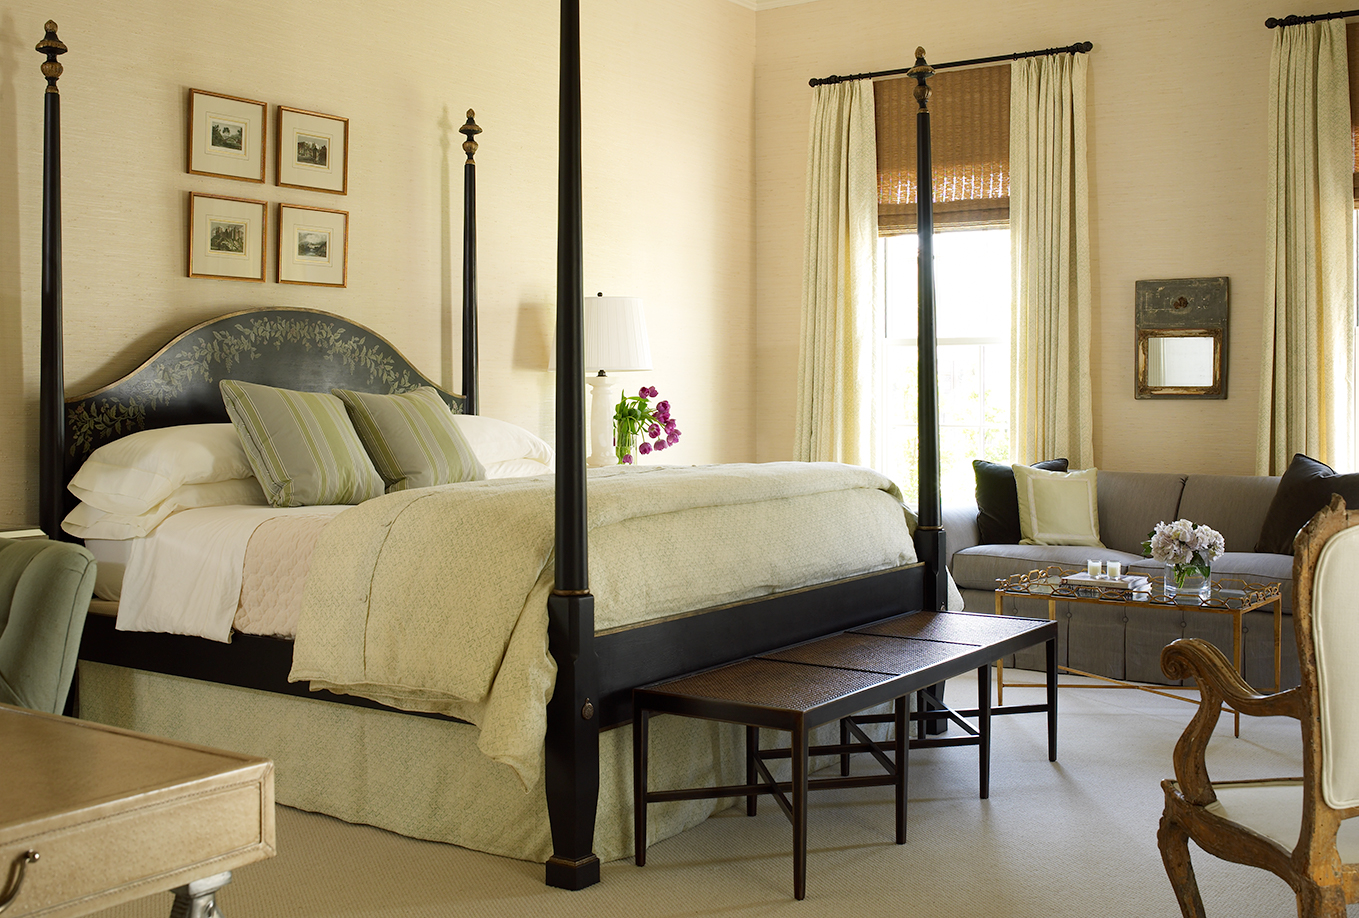 CASA GRANDE MSTR BEDROOM